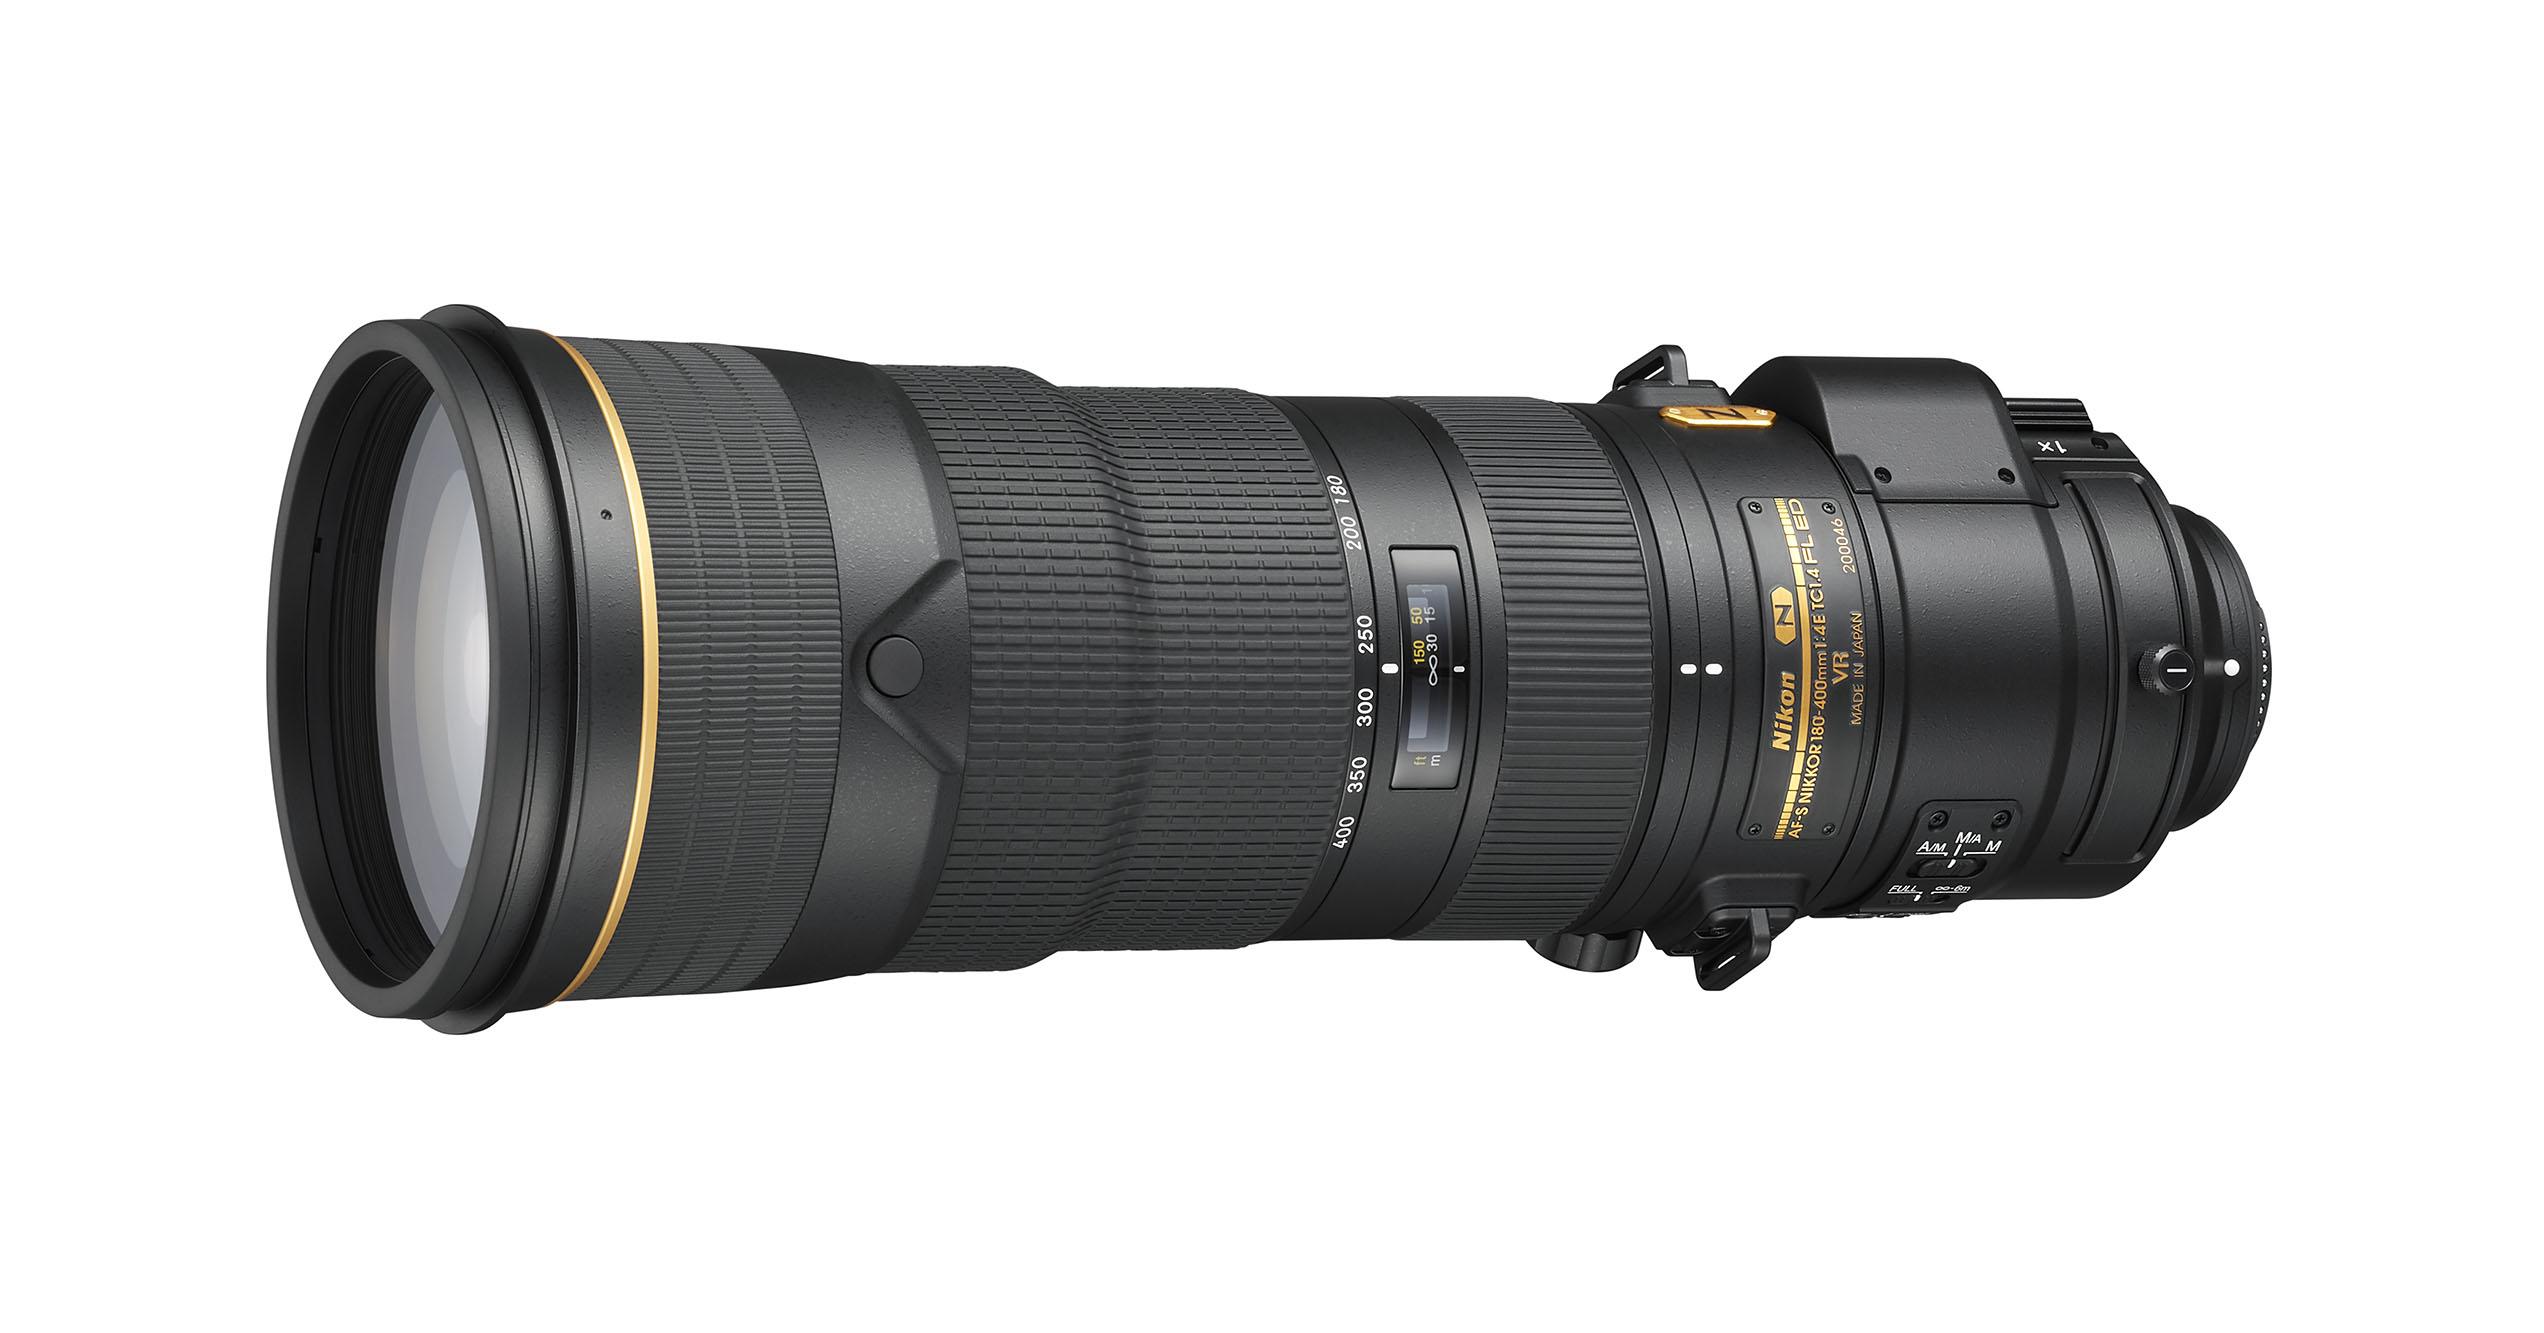 Nikon julkistaa AF-S NIKKOR 180–400mm f/4E TC1.4 FL ED VR -objektiivin